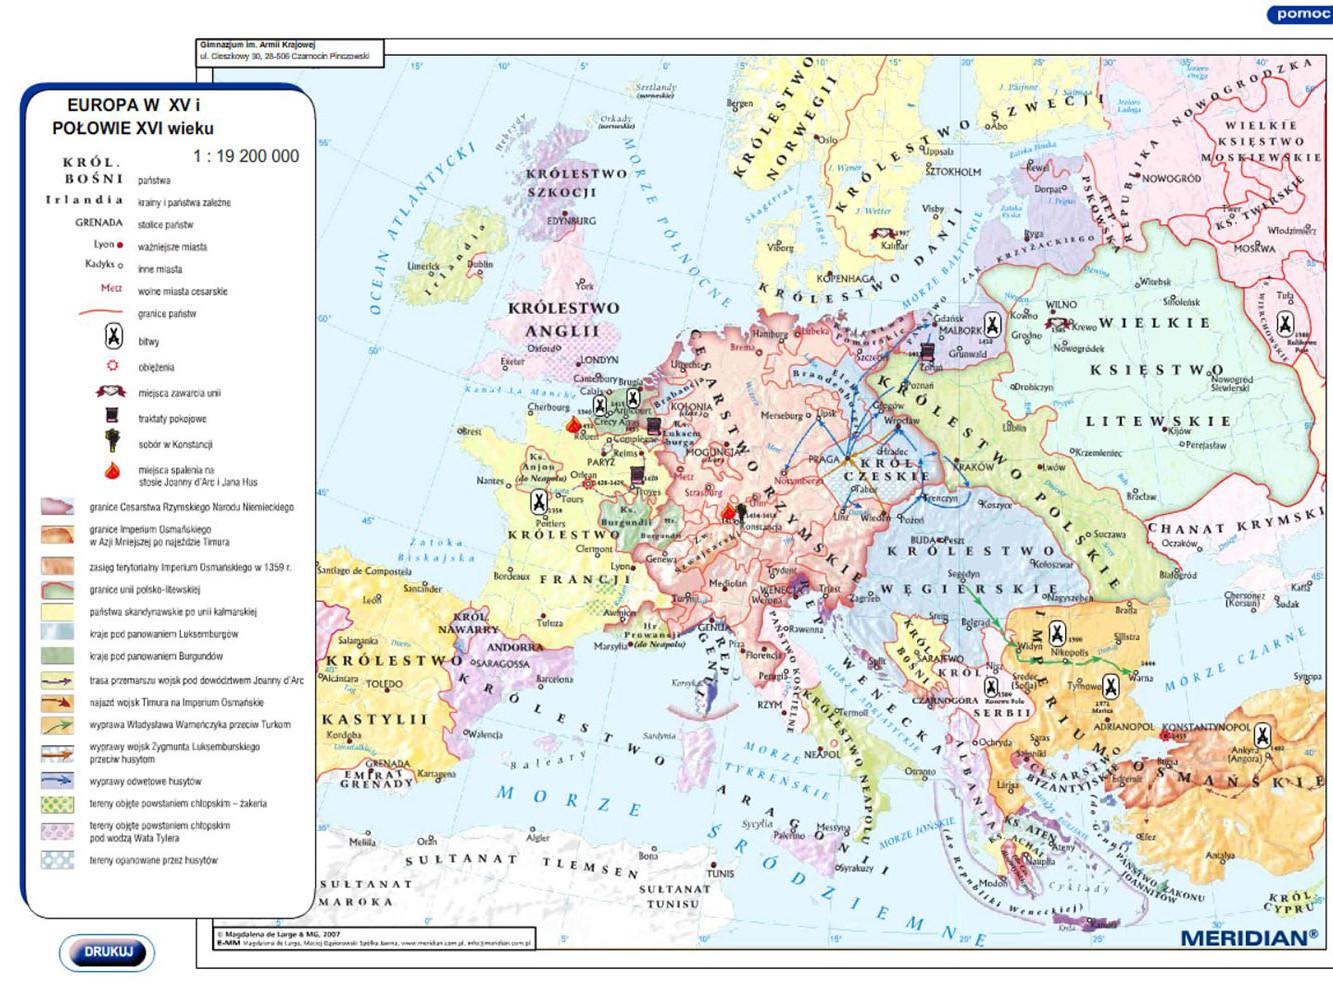 Europa w XIV i połowie XV wieku